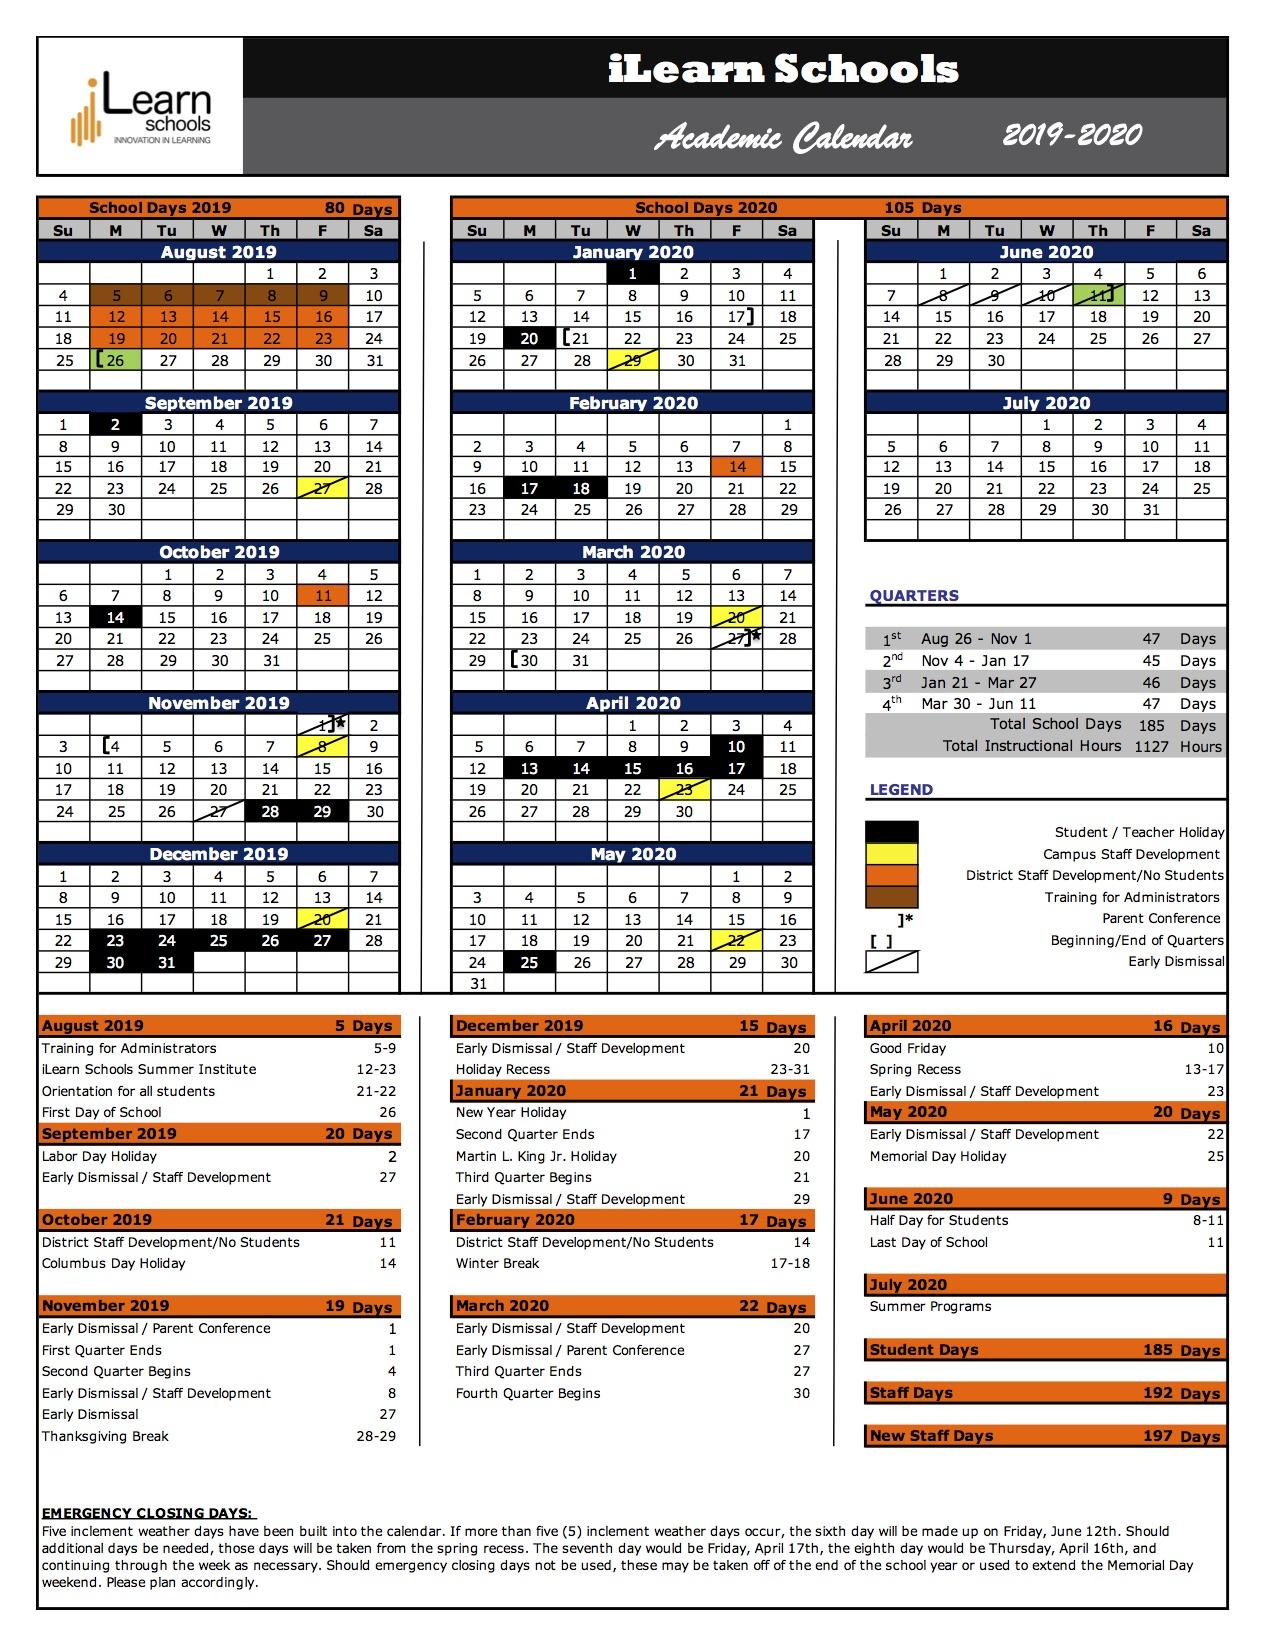 Ilearn Schools 2019 2020 Academic Calendar – Ilearn Schools Within Jersey City Board Of Education Member Calendar